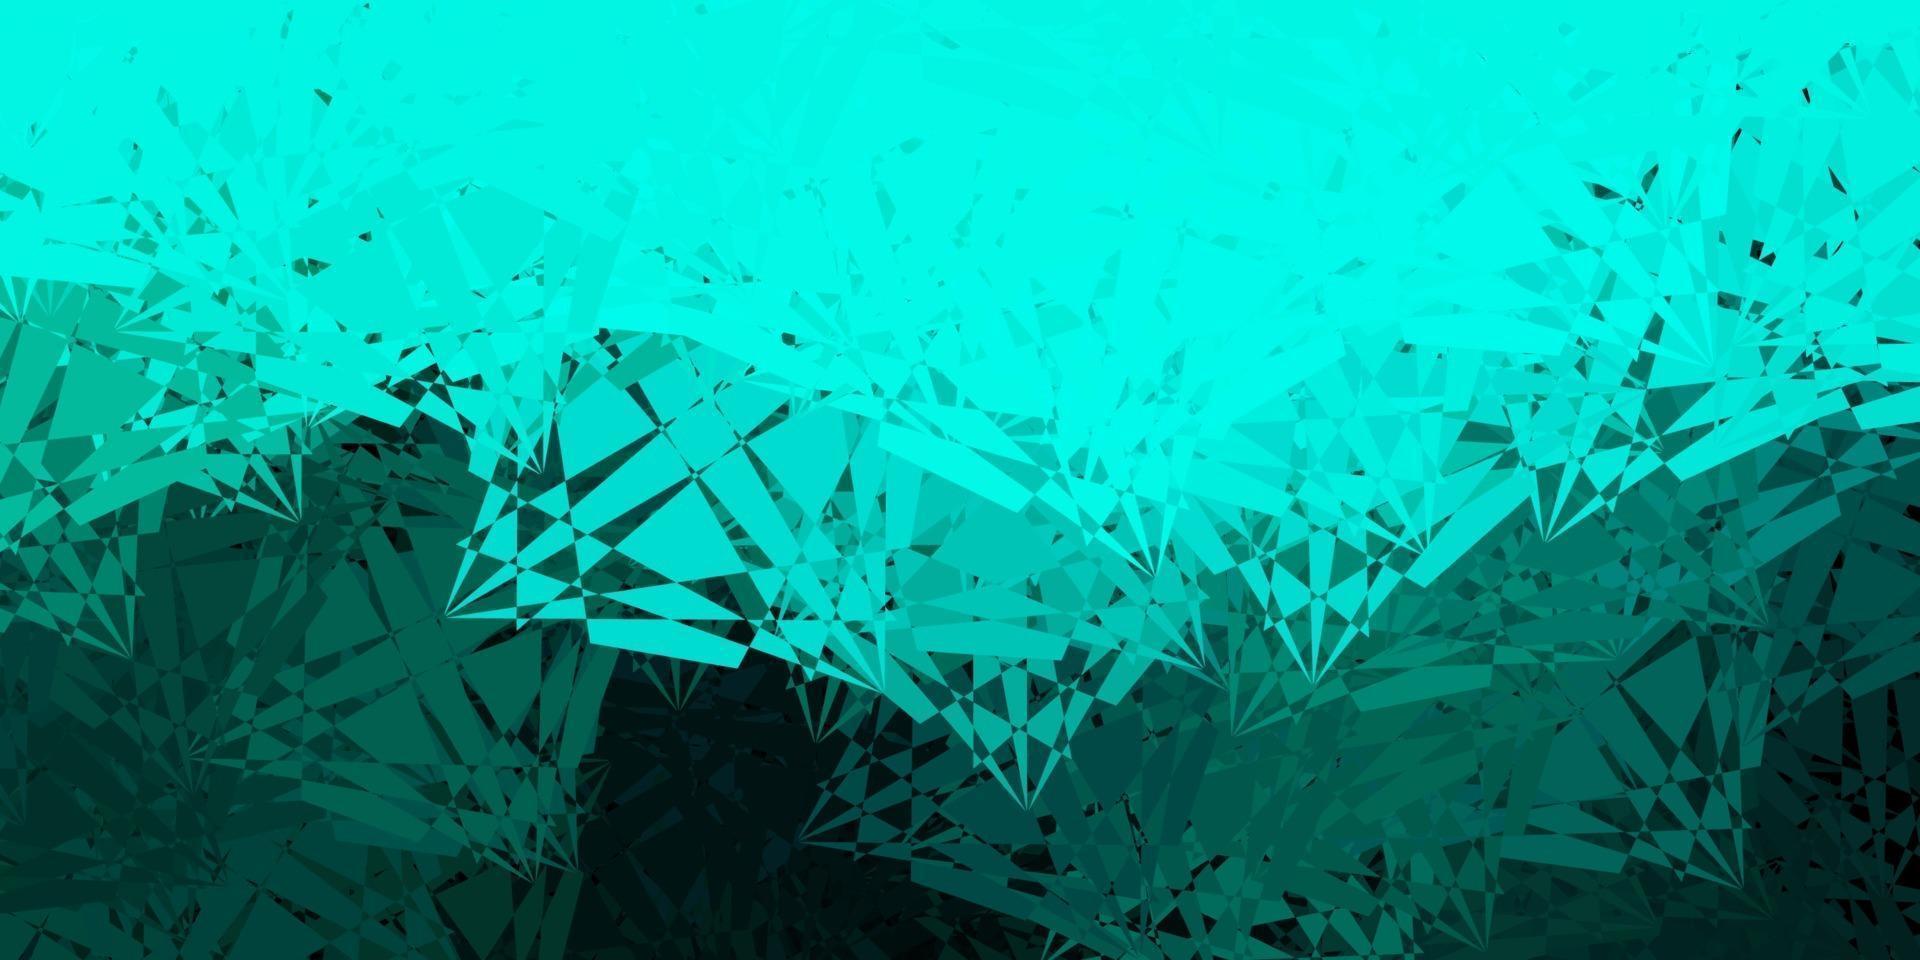 sfondo vettoriale blu scuro, verde con forme poligonali.